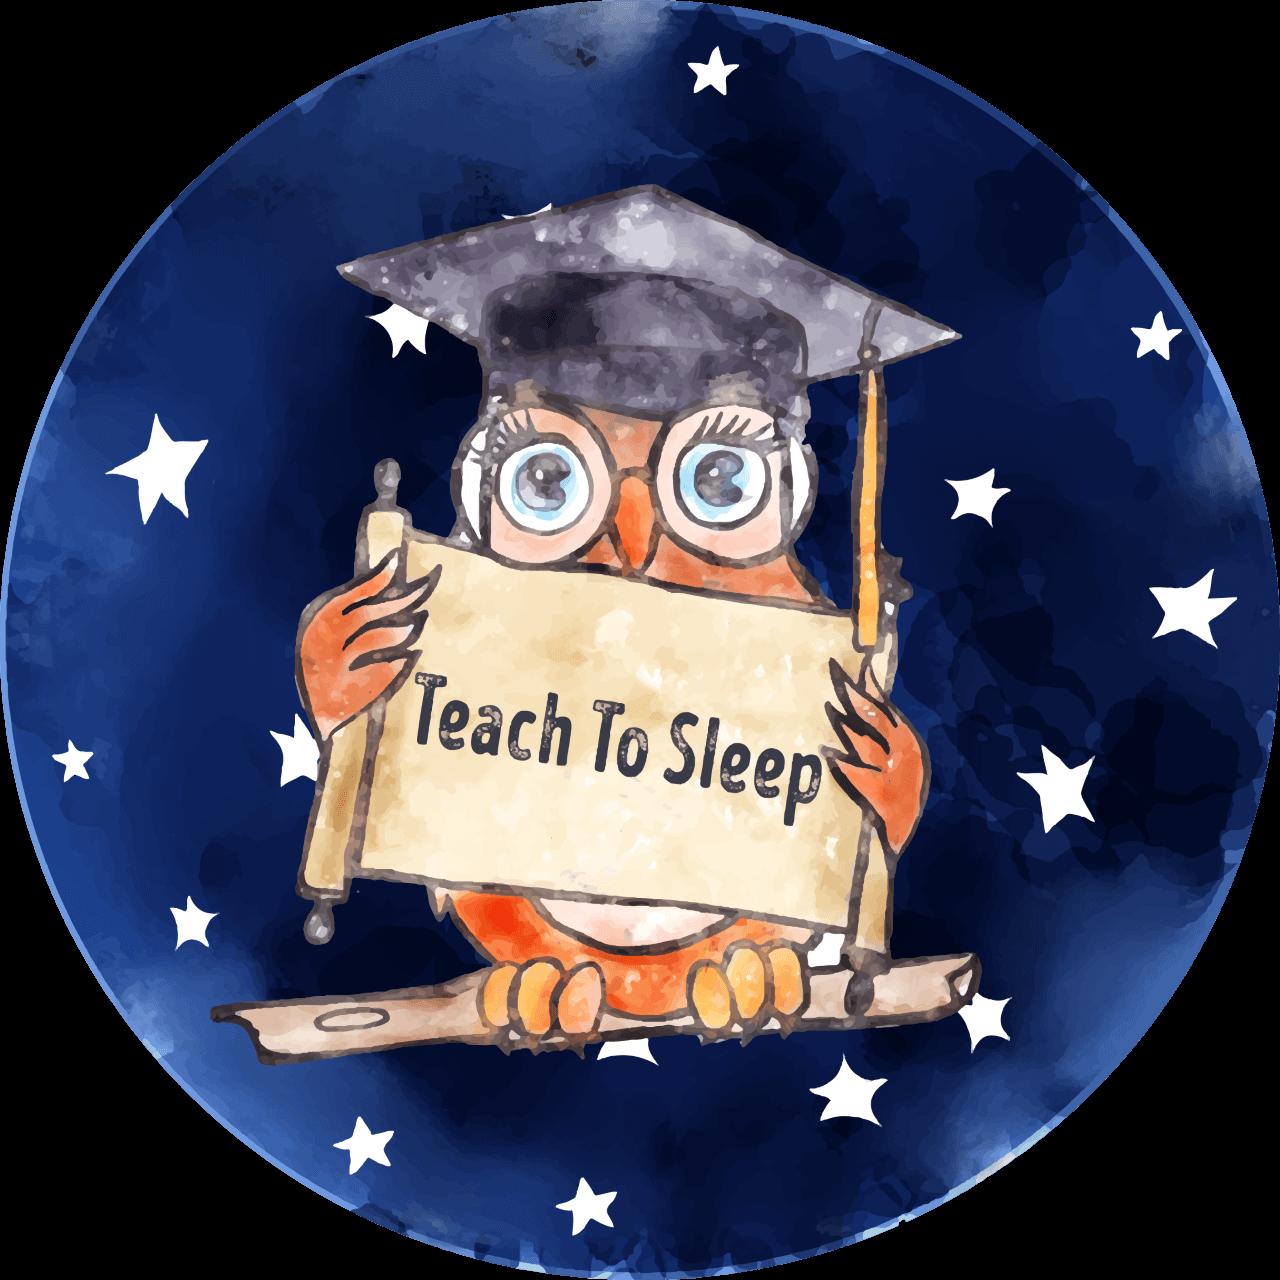 Teach To Sleep